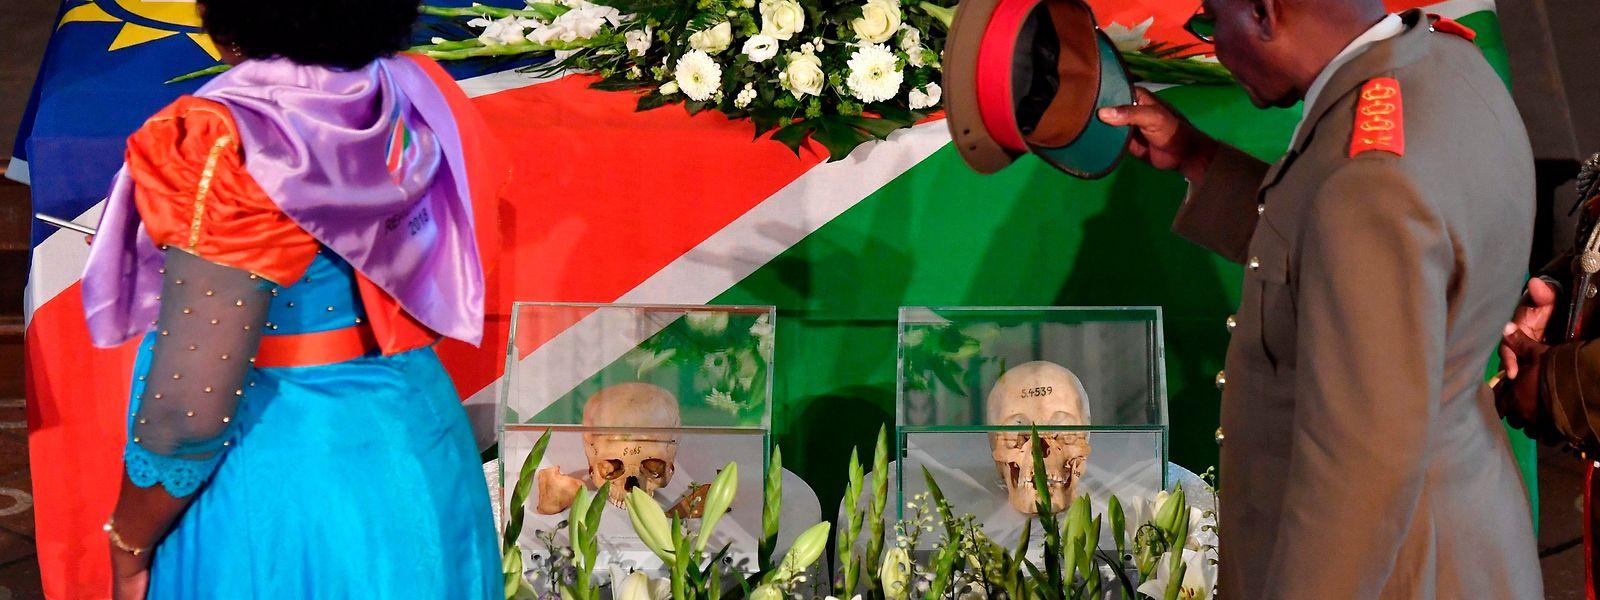 Respektsbezeugung: 19 Schädel, Knochen und sonstige menschliche Überreste wurden in einer Berliner Kirche zurückgegeben. Doch eine deutsche Entschuldigung fehlt noch immer.